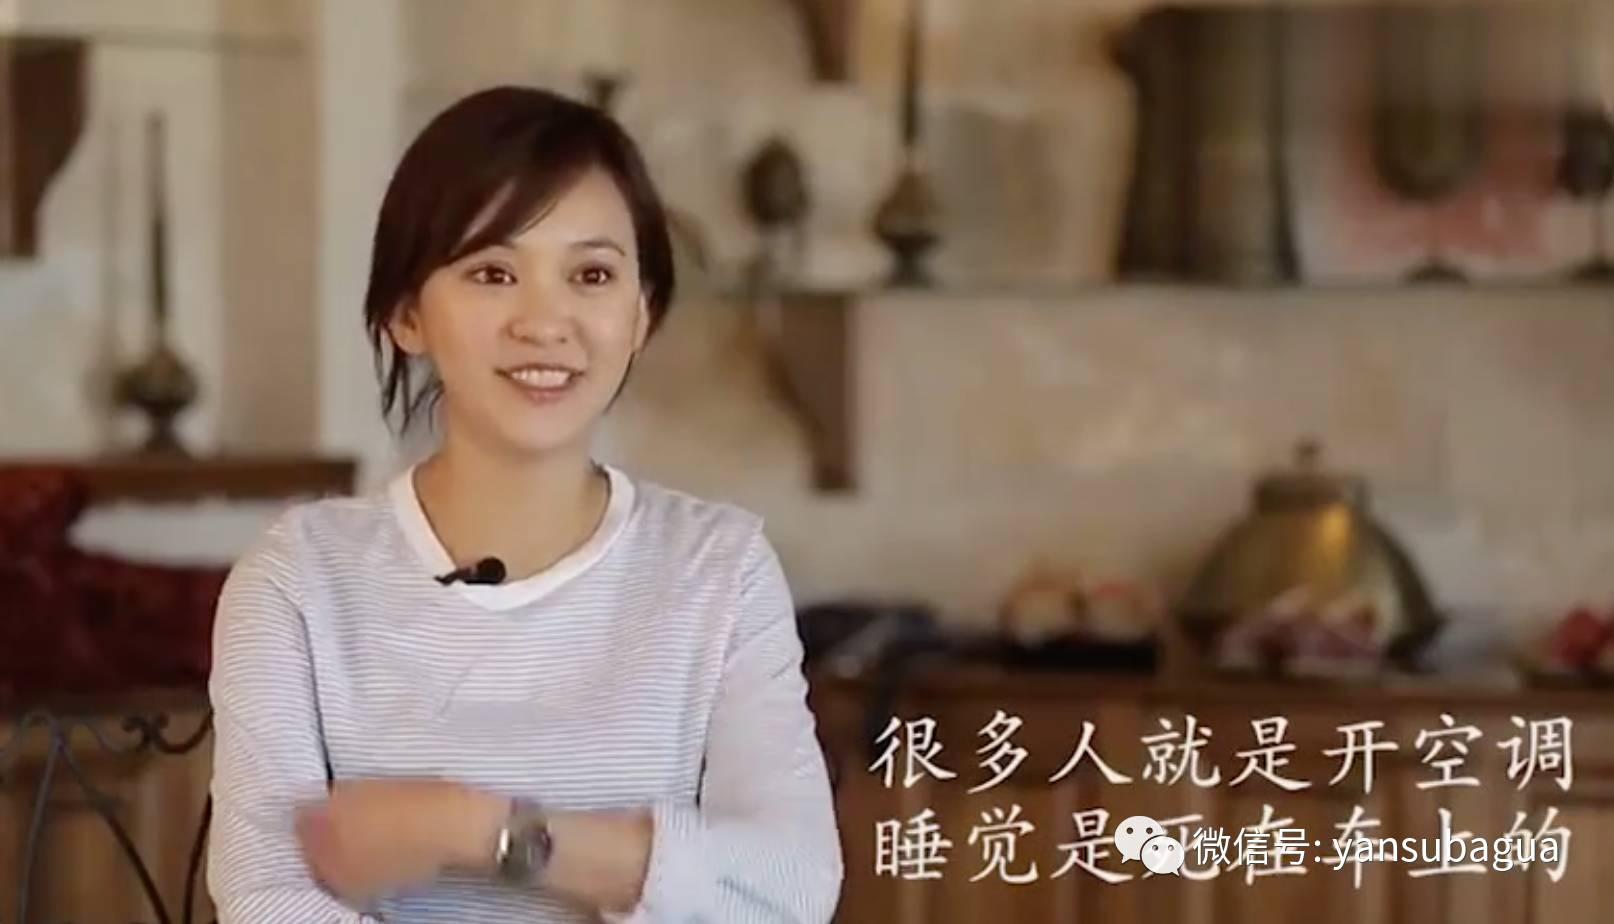 许晴说陈意涵不简单怎么回事 陈意涵不是杨颖能惹的真相揭秘